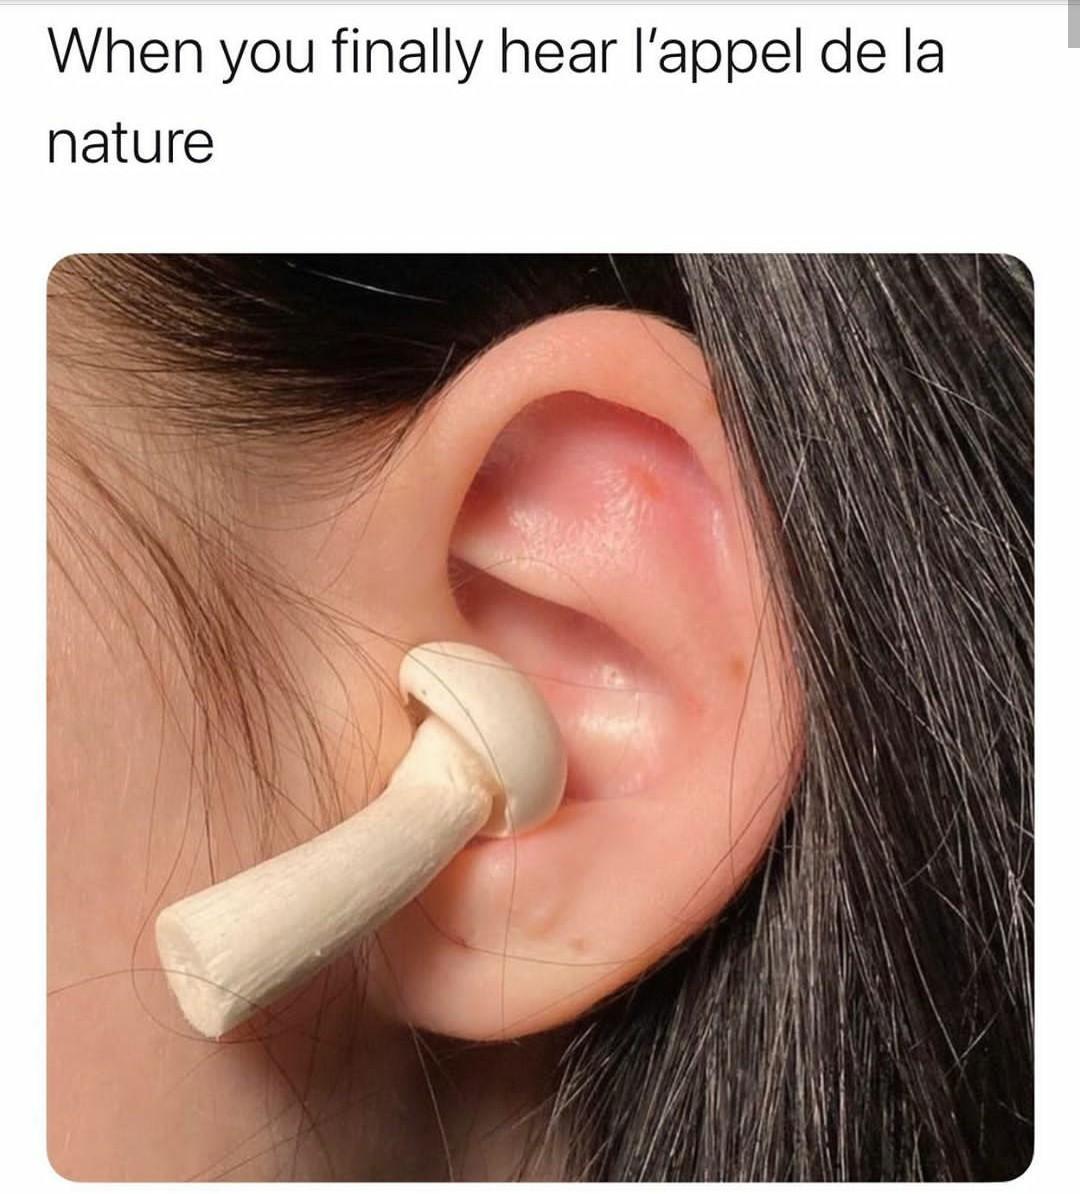 J'entends l'appel de la nature grâce à mes champipods - meme